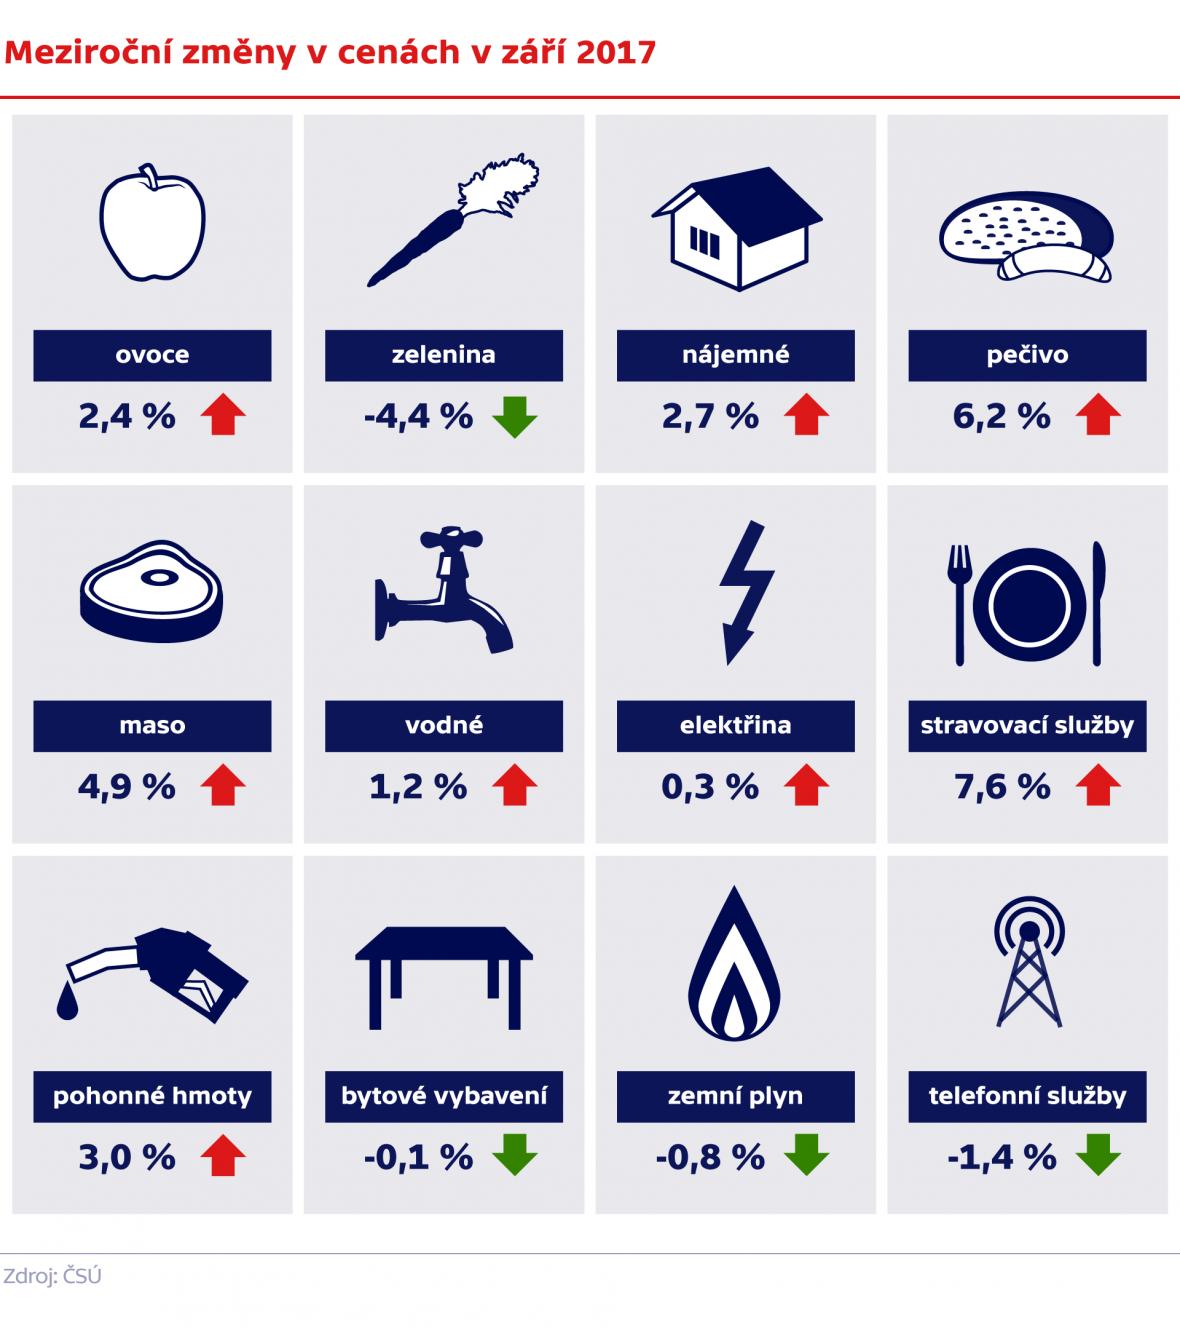 Meziroční změny v cenách komodit v září 2017